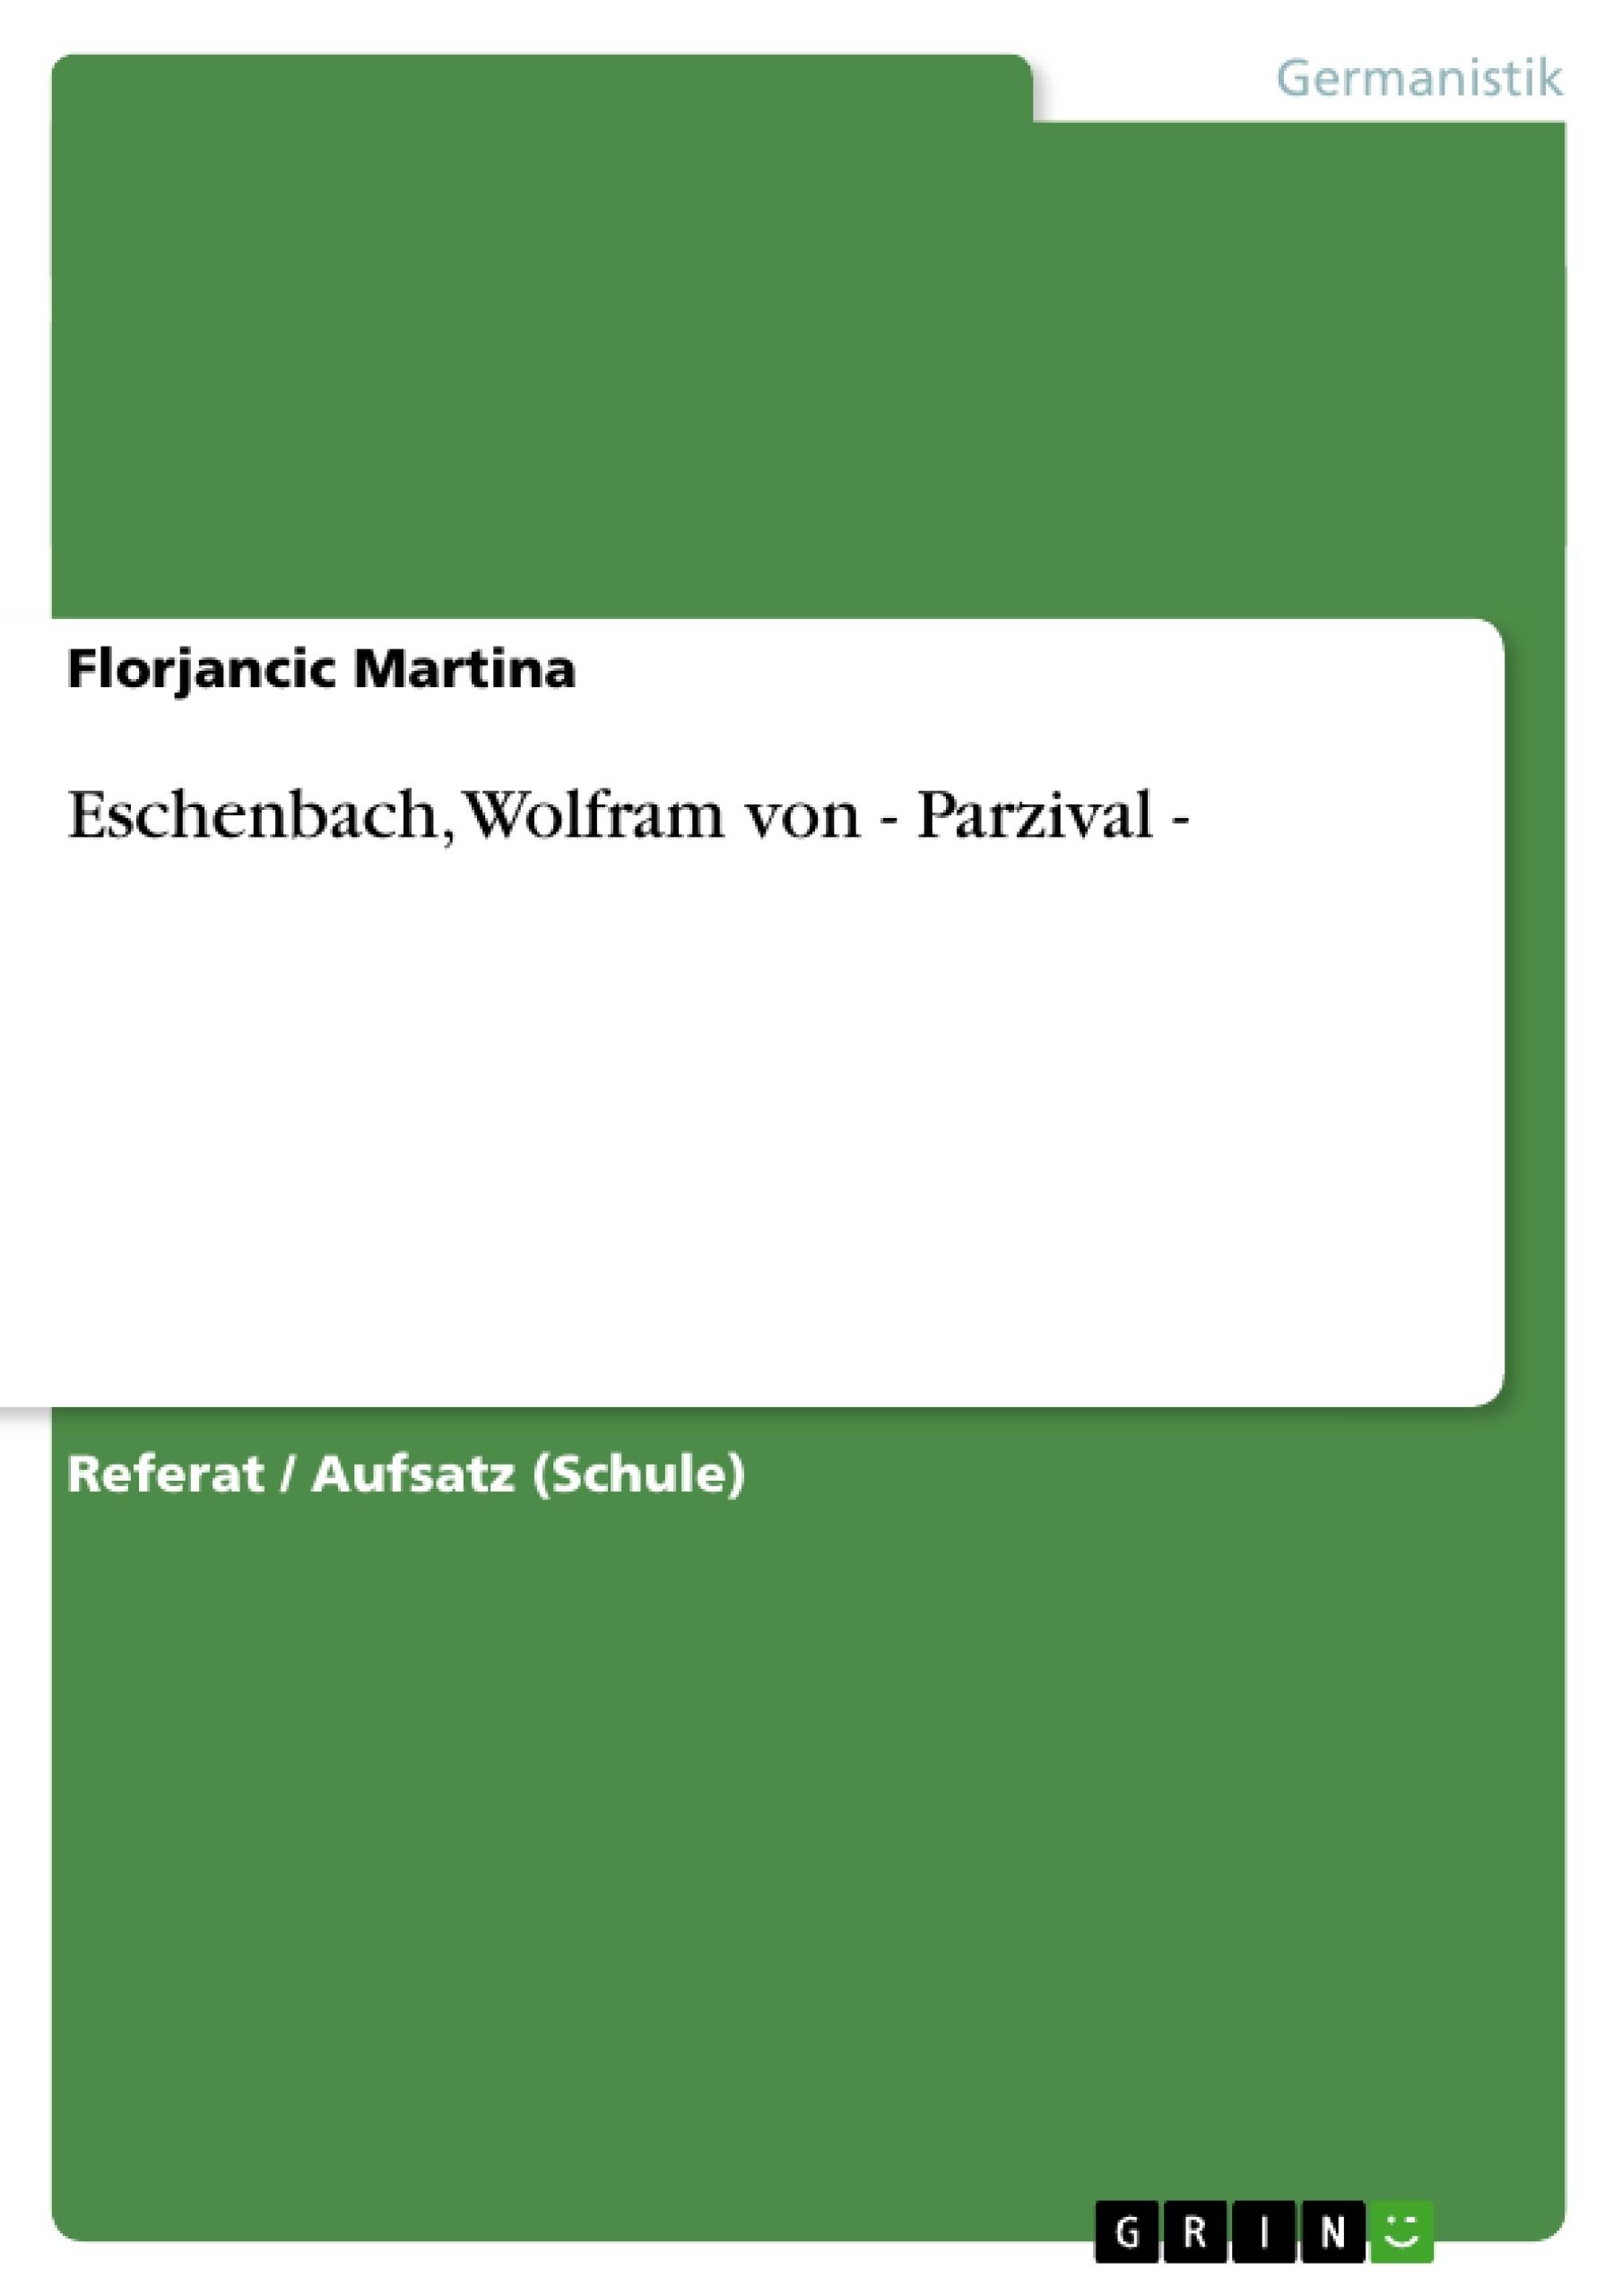 Titel: Eschenbach, Wolfram  von  - Parzival  -